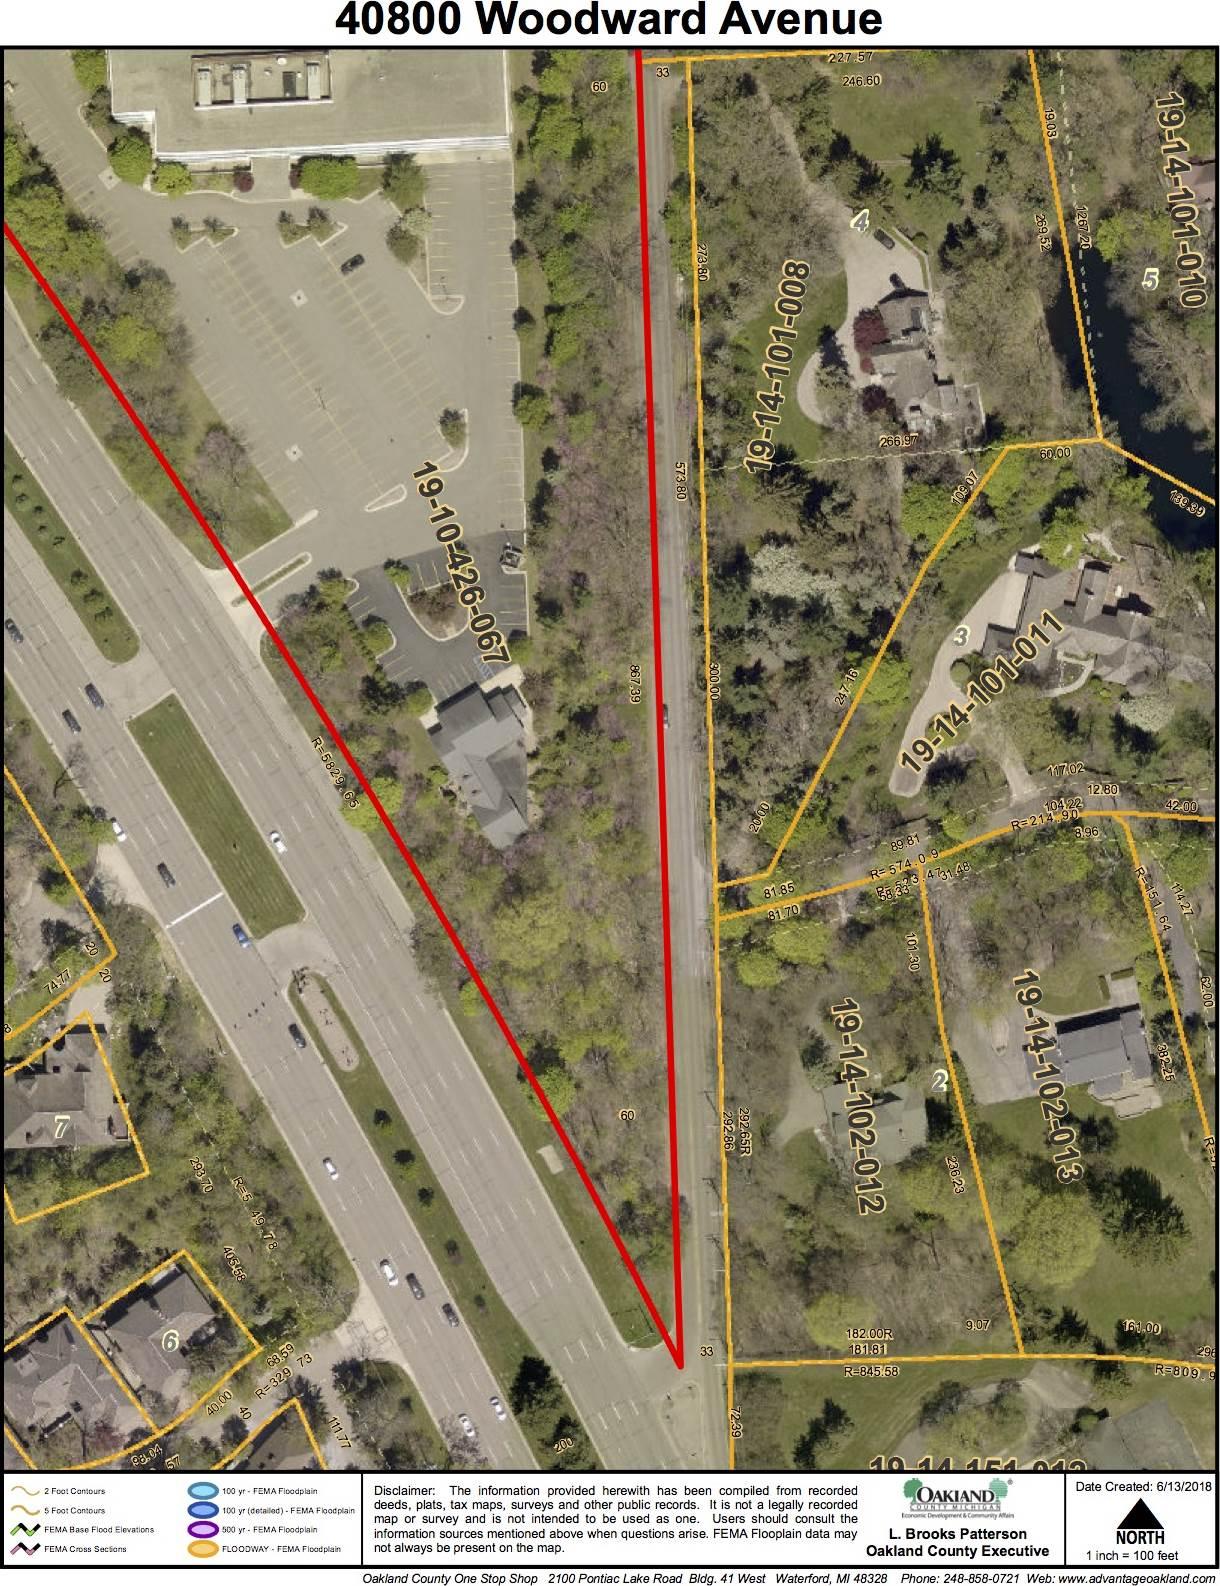 40800 Woodward, Bloomfield Hills, MI 48304